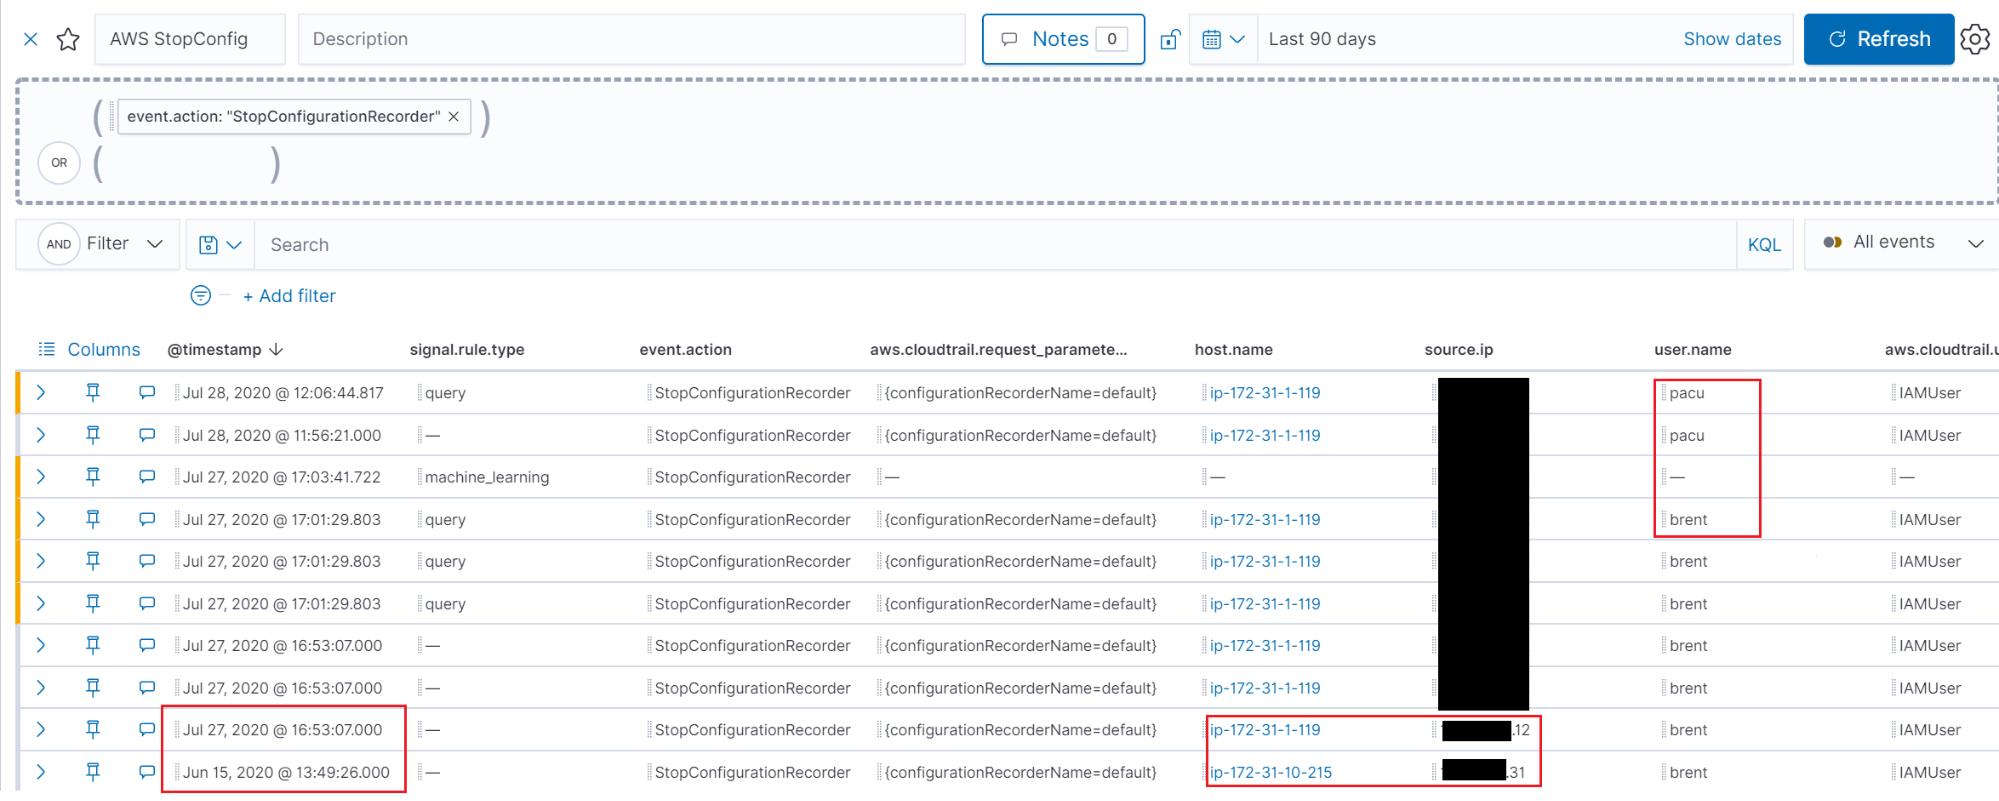 10-api-history-blog-secops-cloud-platform-monitoring.png